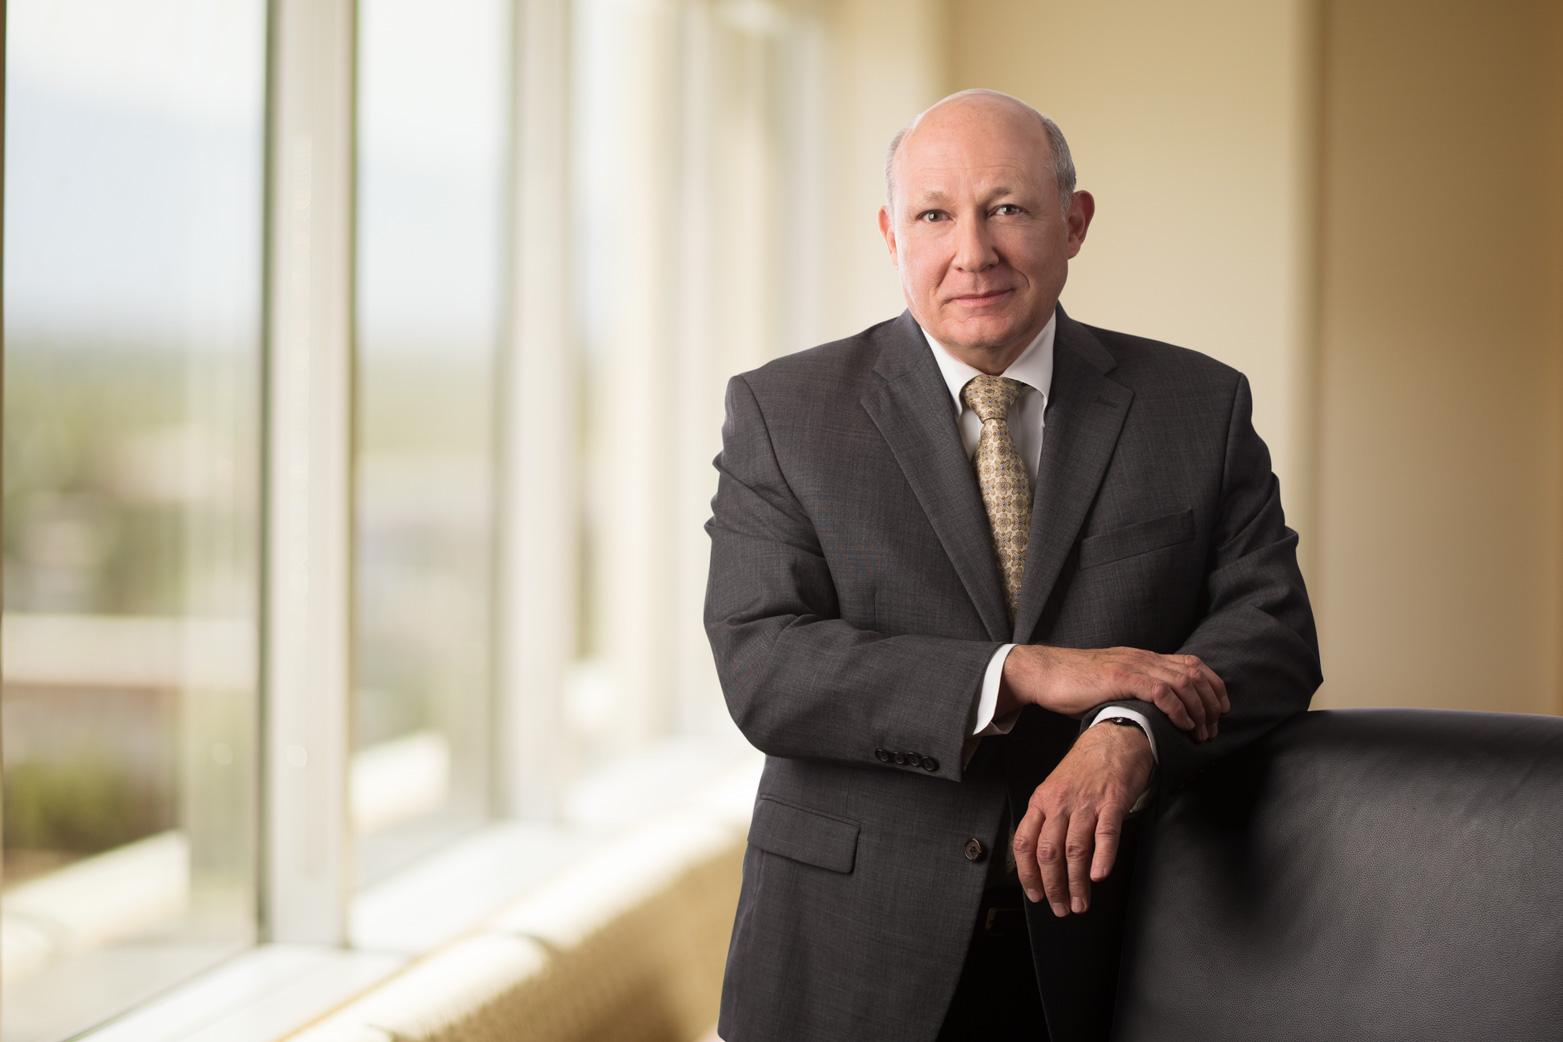 Thomas R. Vuksinick